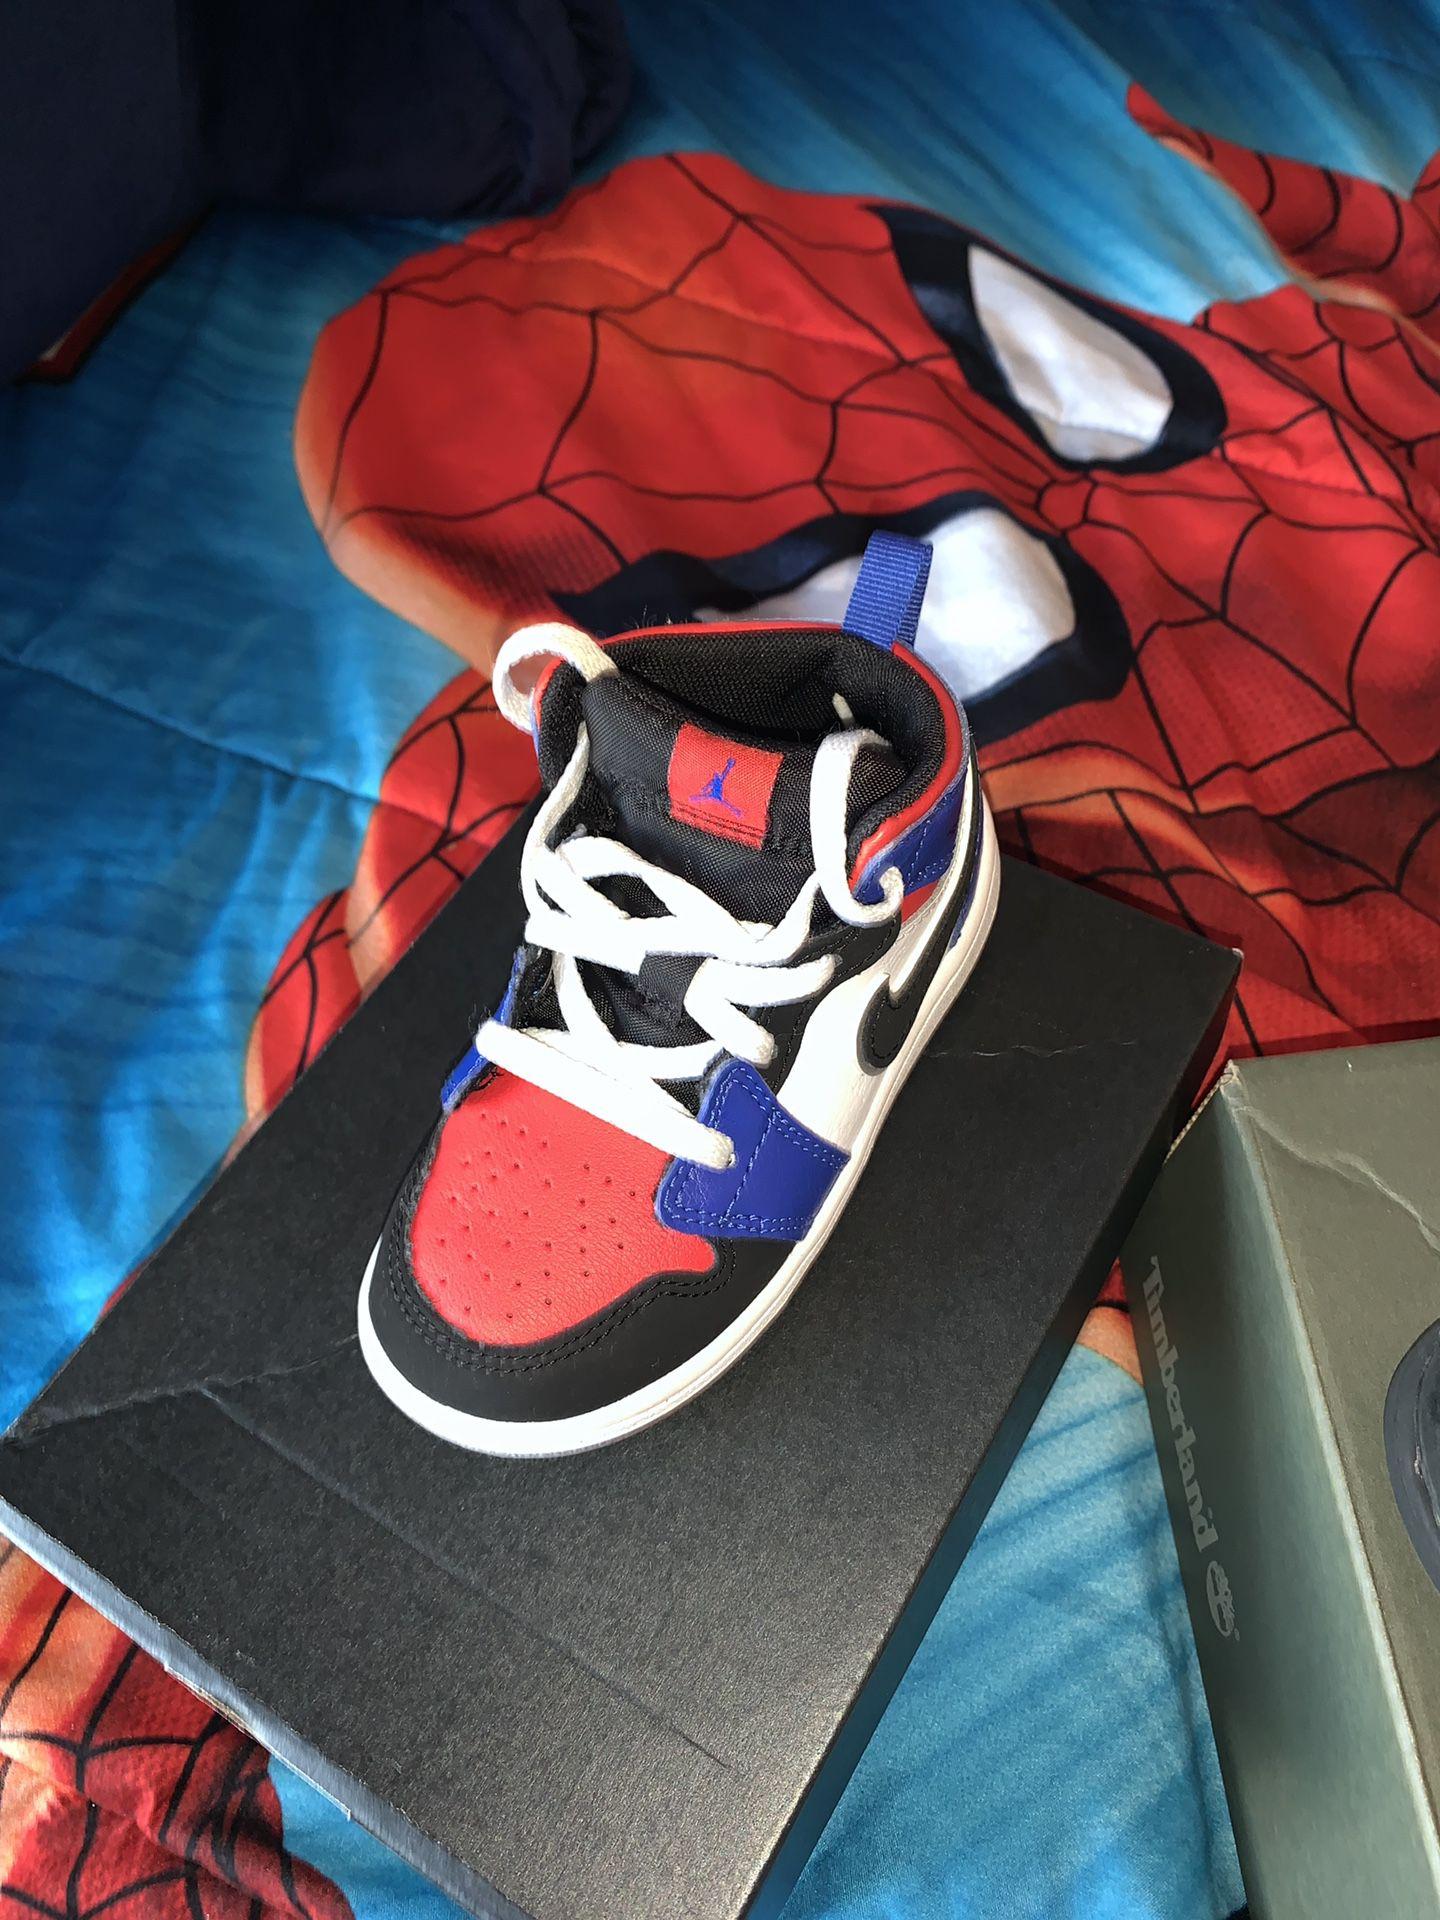 Air Jordan's size 8 in toddlers